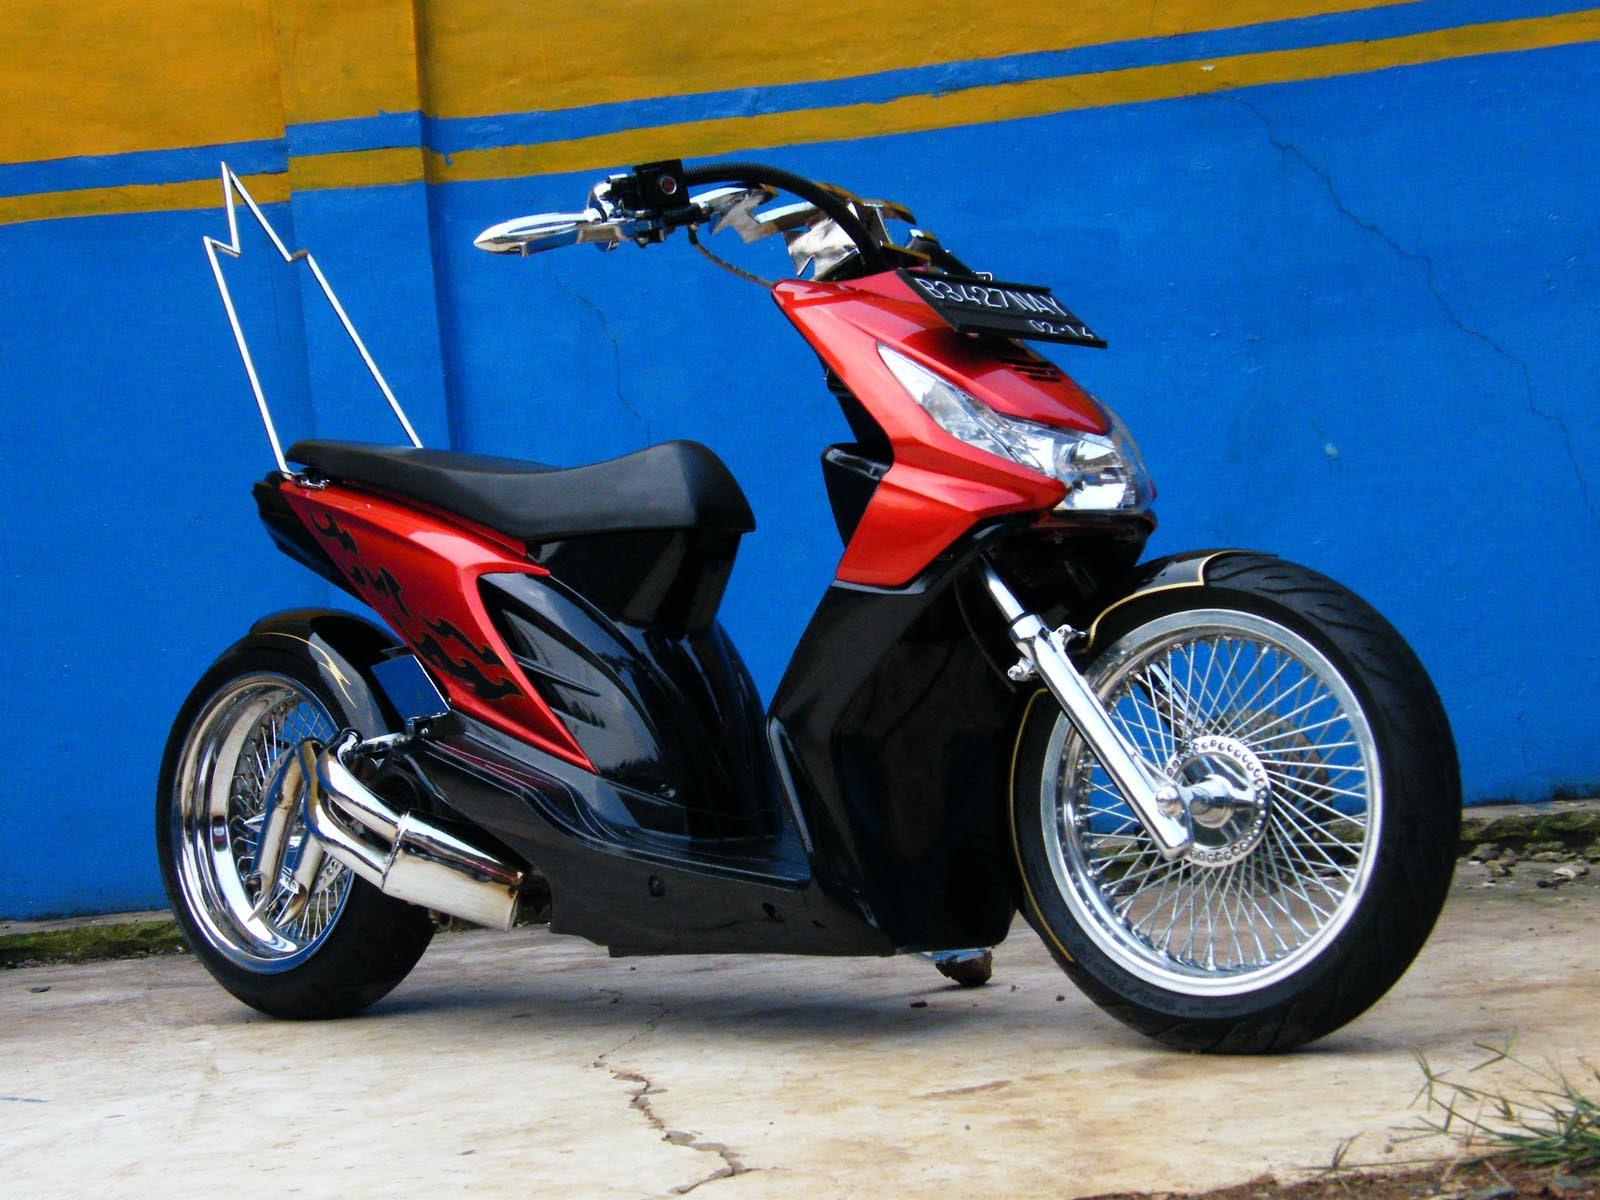 Sepeda Motor Beat Modifikasi Modifikasi Motor Terbaru